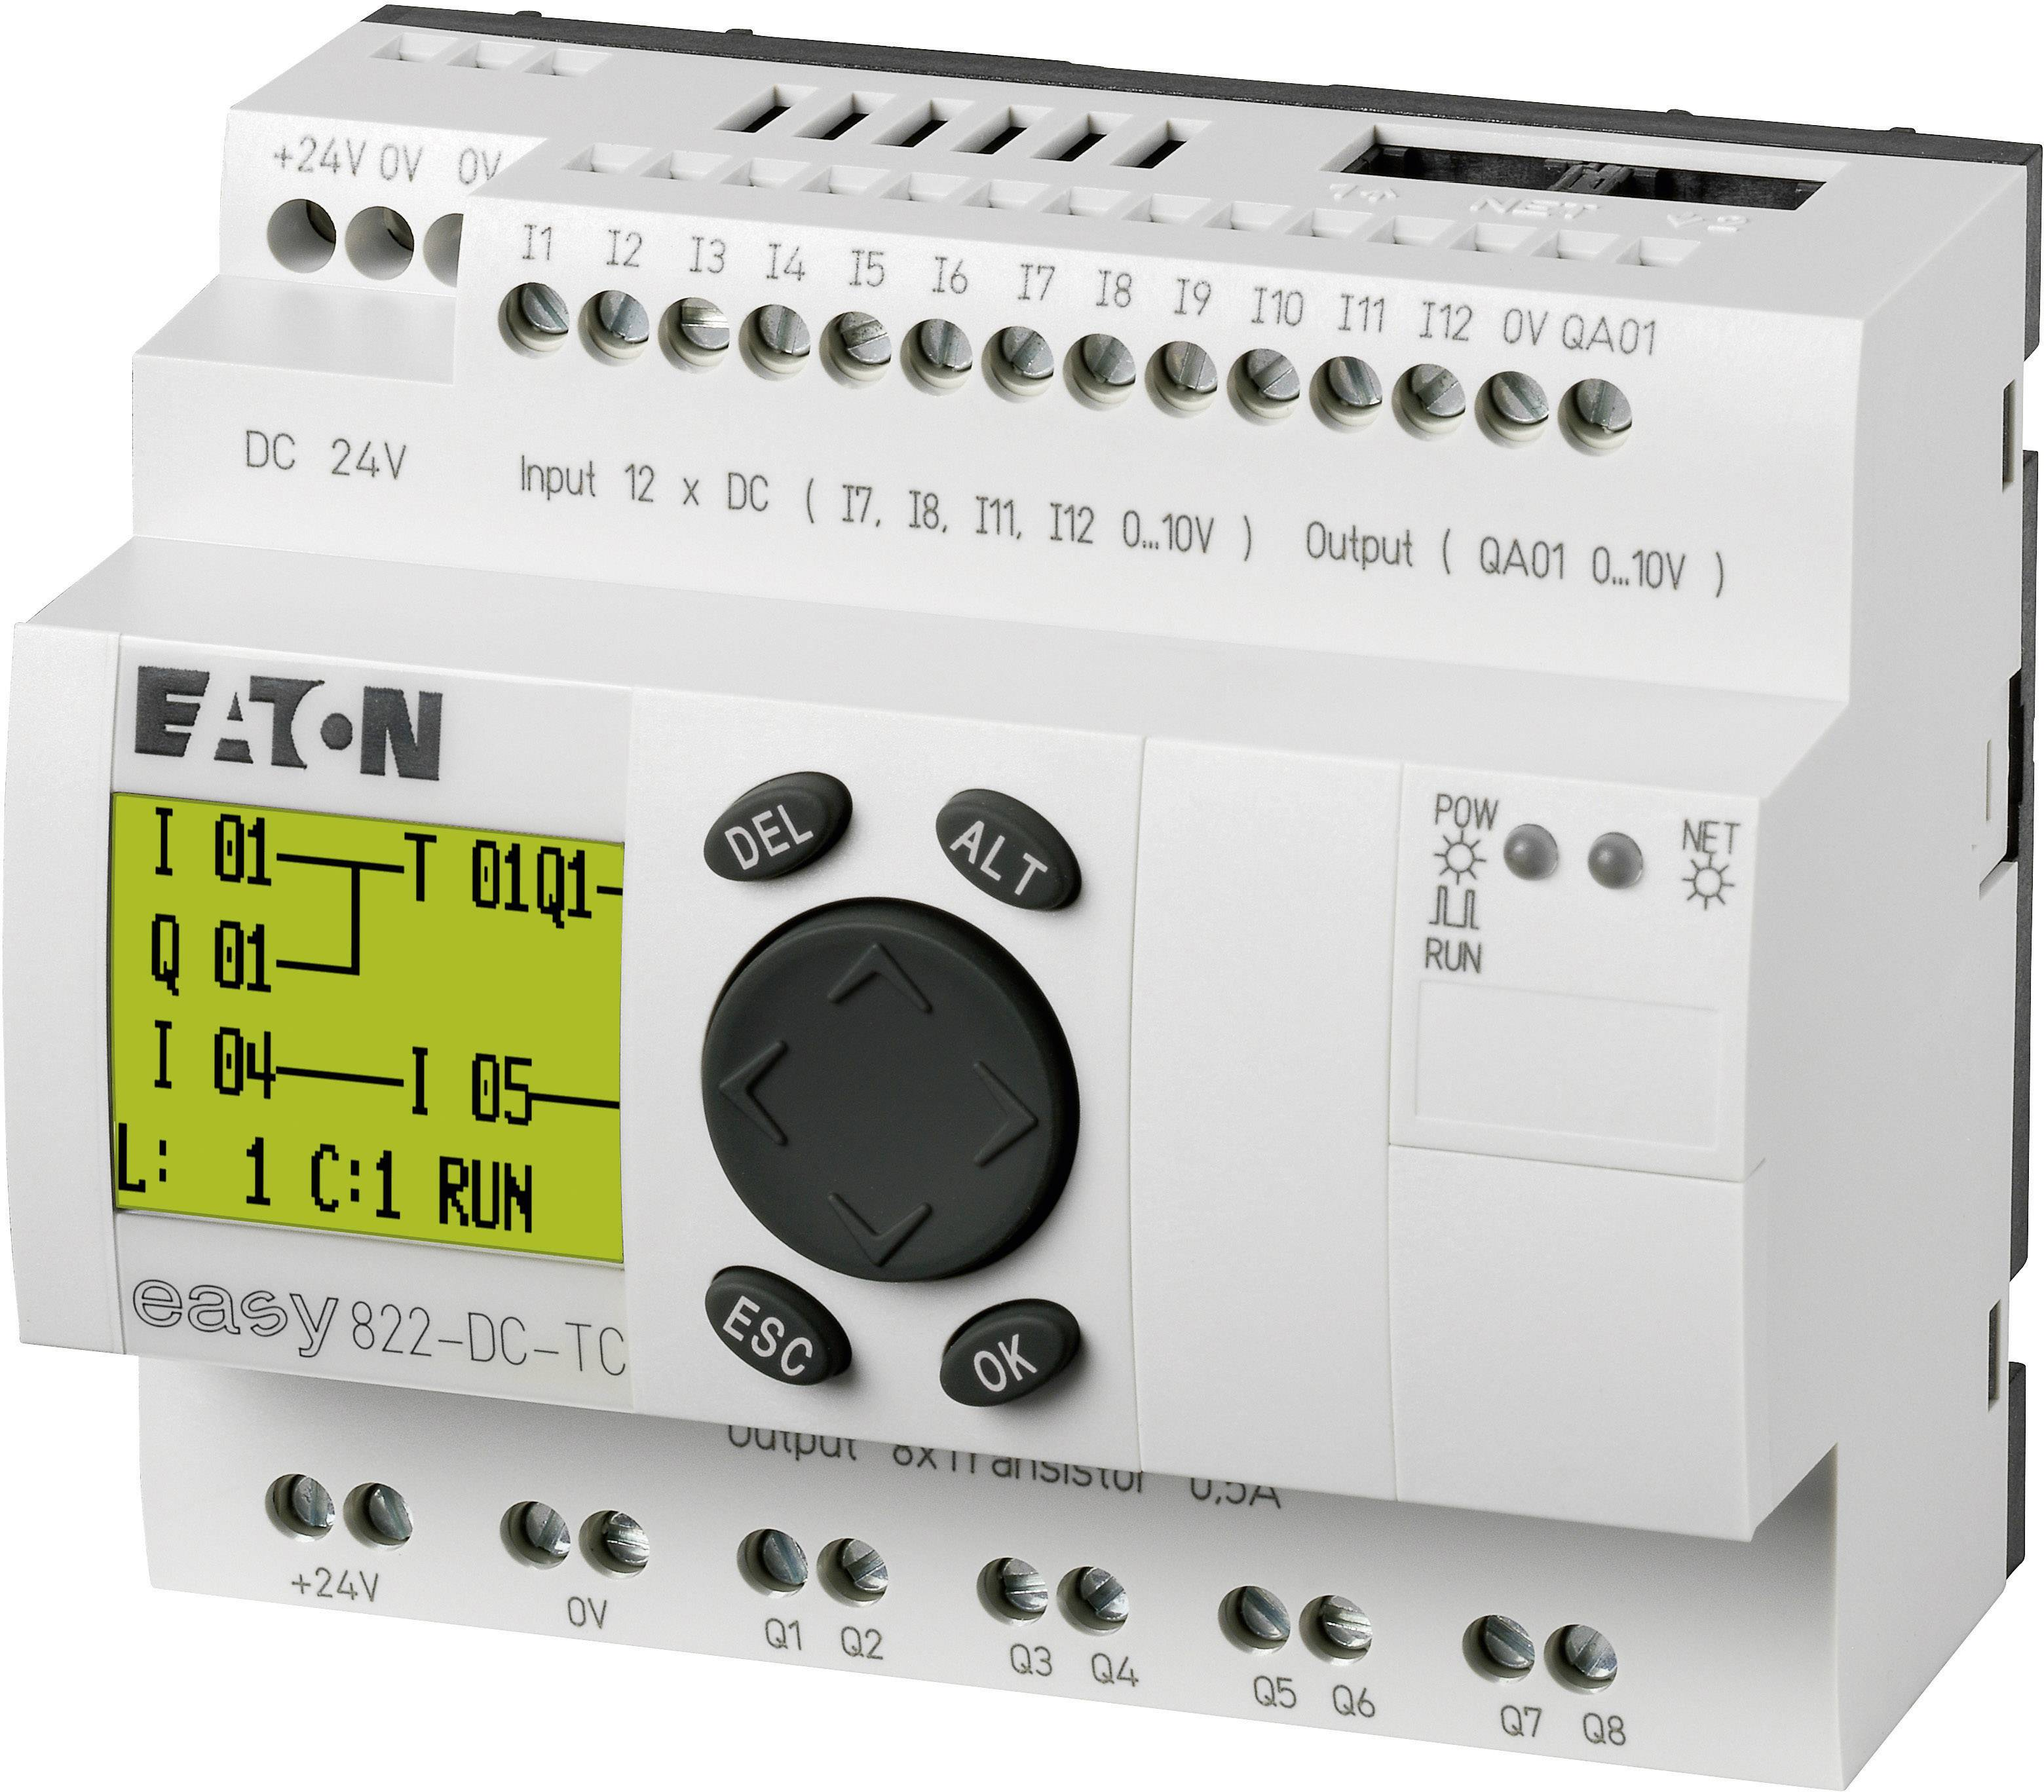 EASY 822-DC-TC RS232/422/485